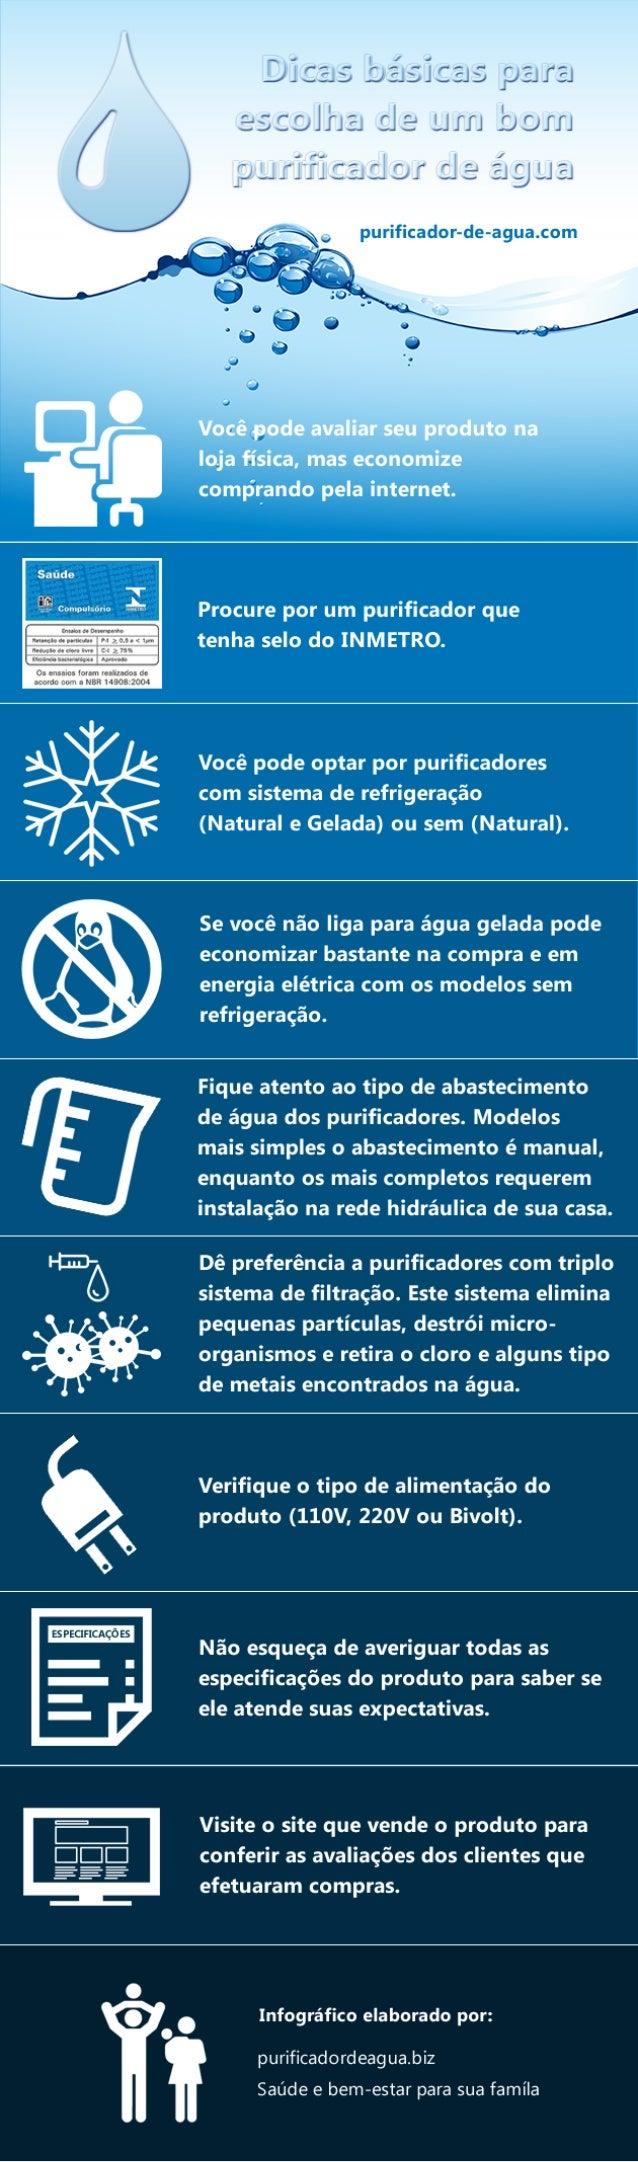 Dicas básicas para escolha de um bom purificador de água purificador-de-agua.com Dicas básicas para escolha de um bom puri...